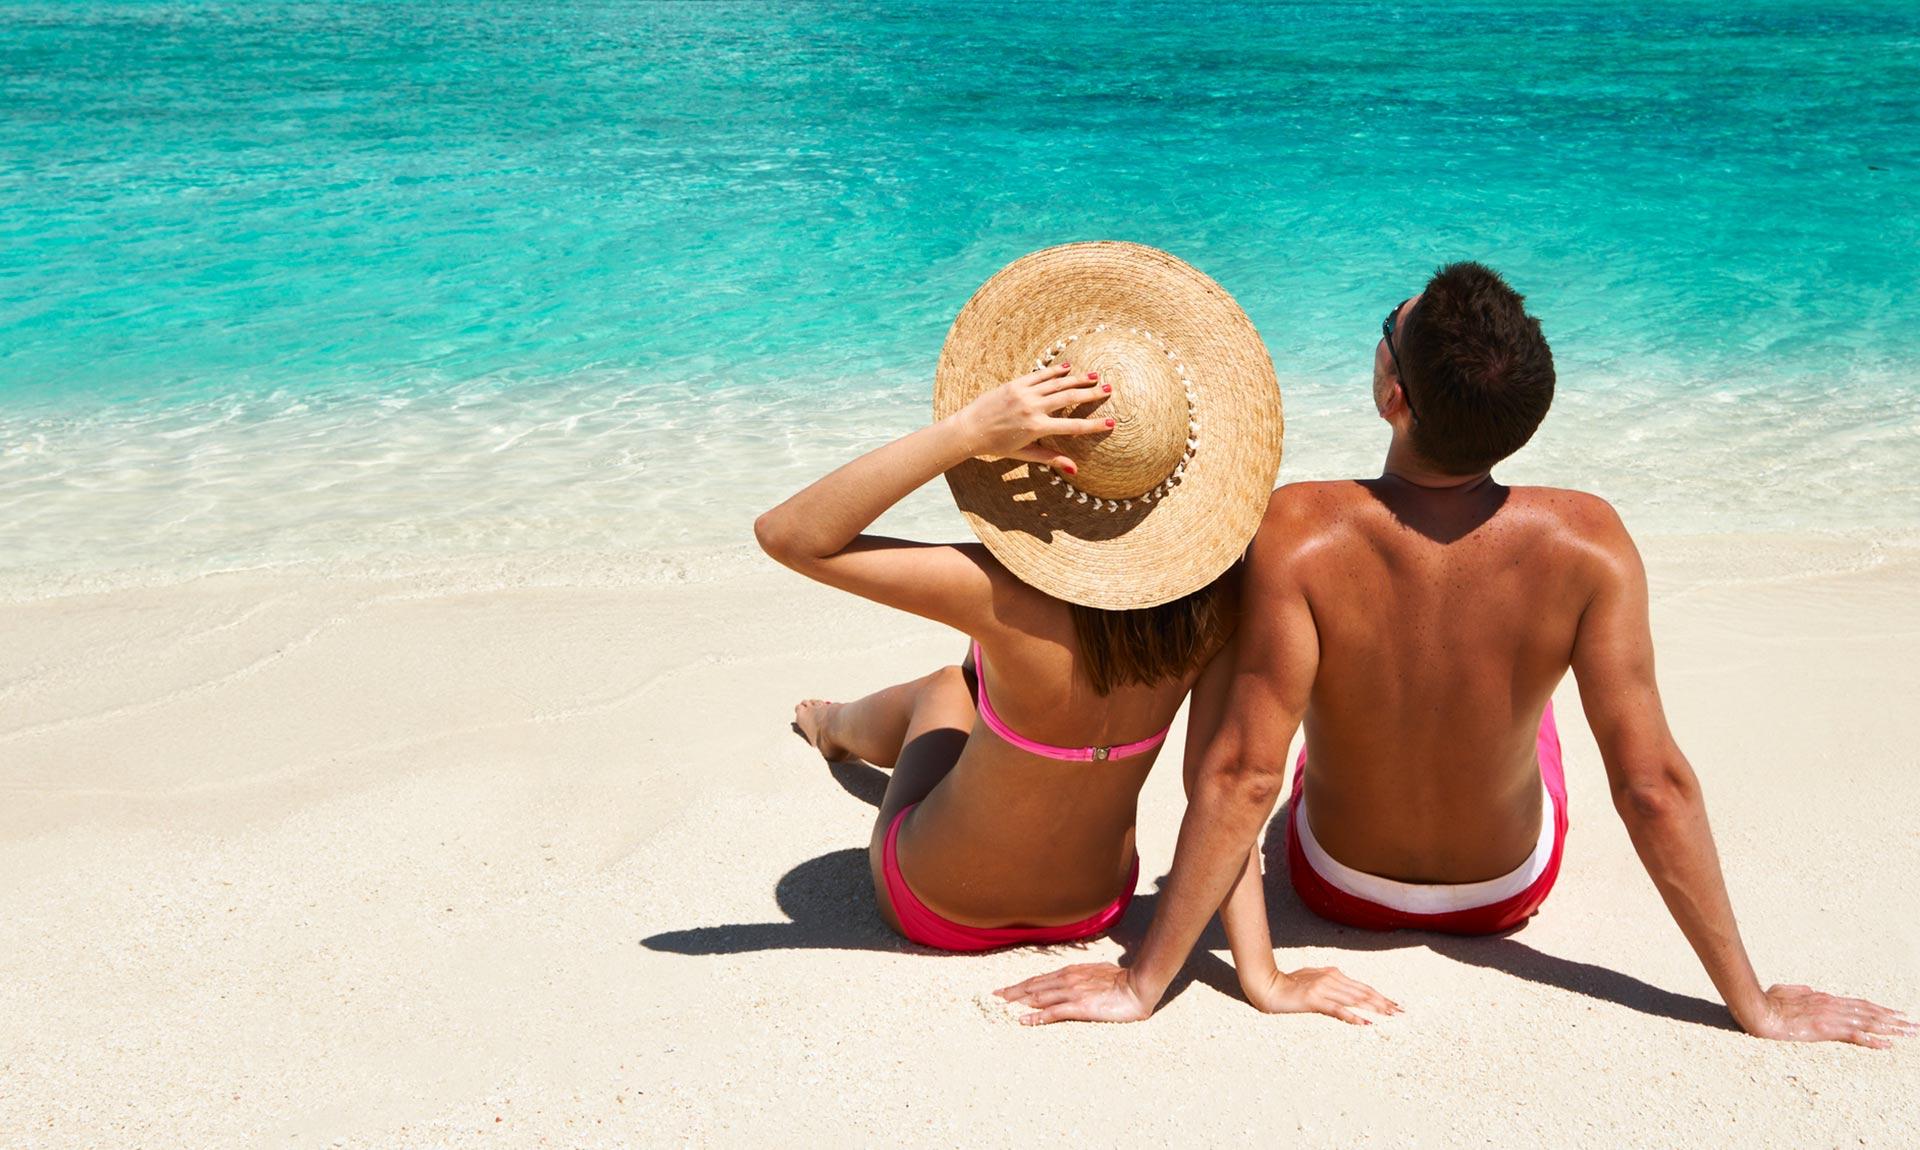 Coppertone è la linea completa di prodotti per proteggere e migliorare la tua abbronzatura